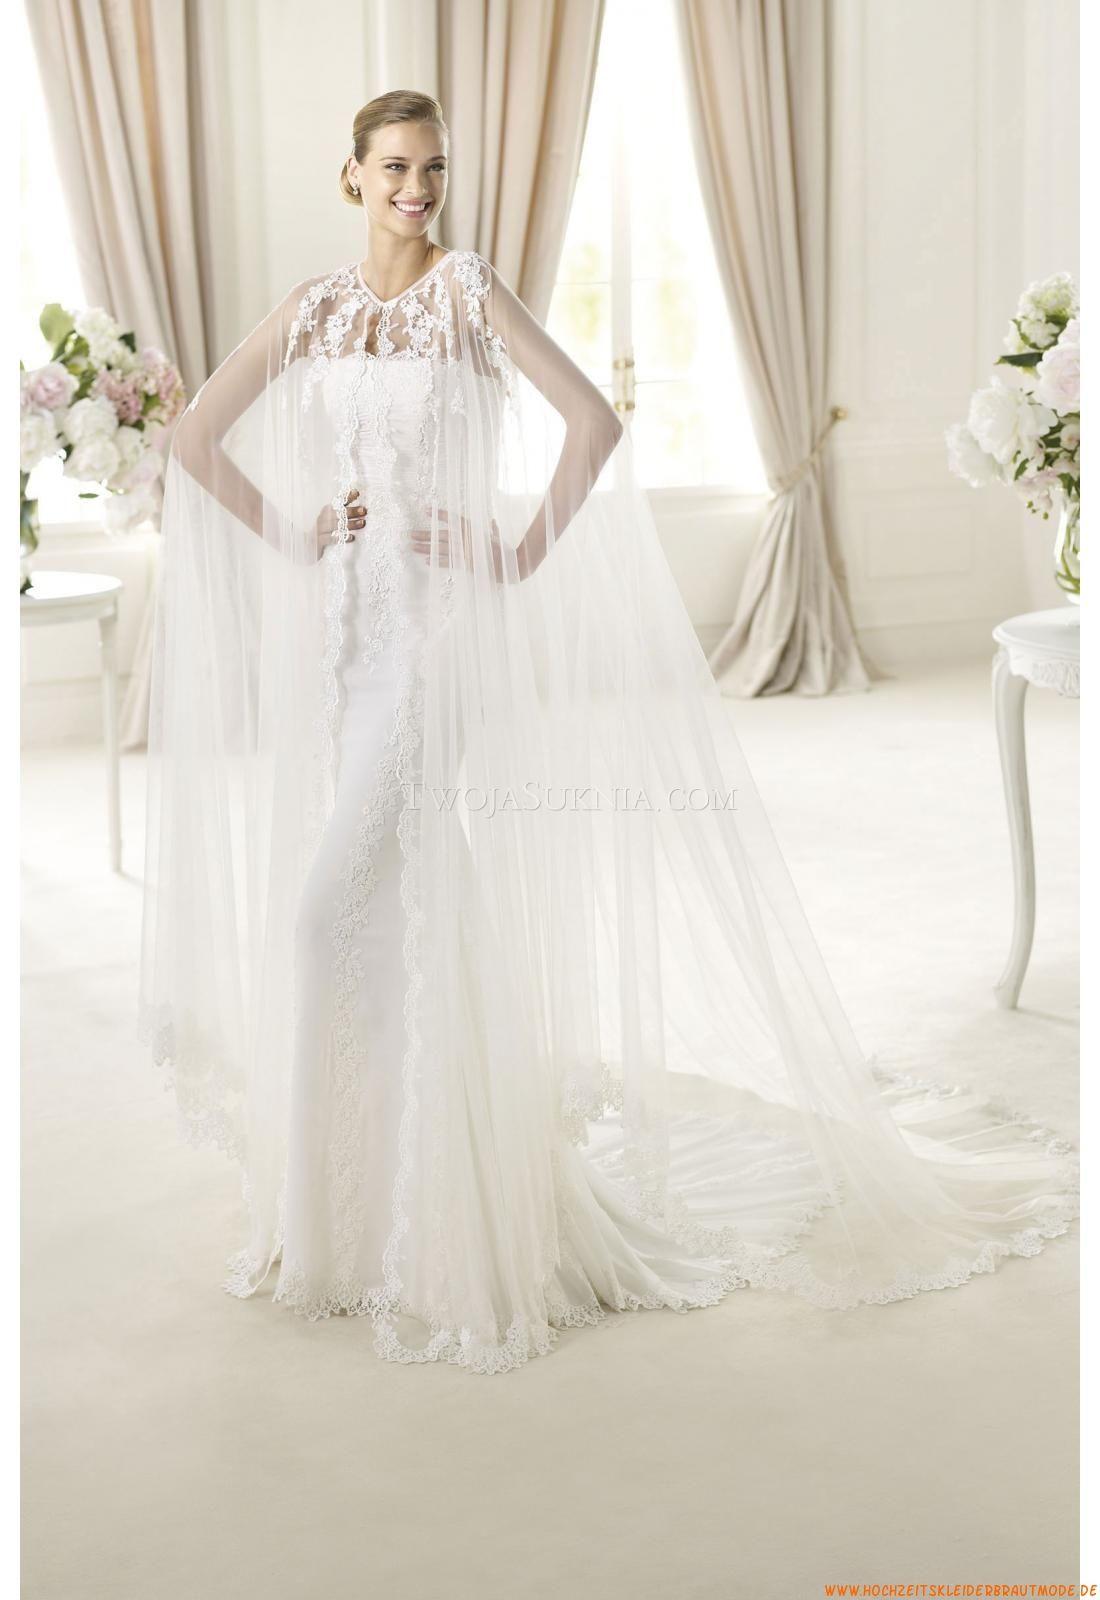 Fantastisch Billig Brautkleider Bilder - Brautkleider Ideen ...